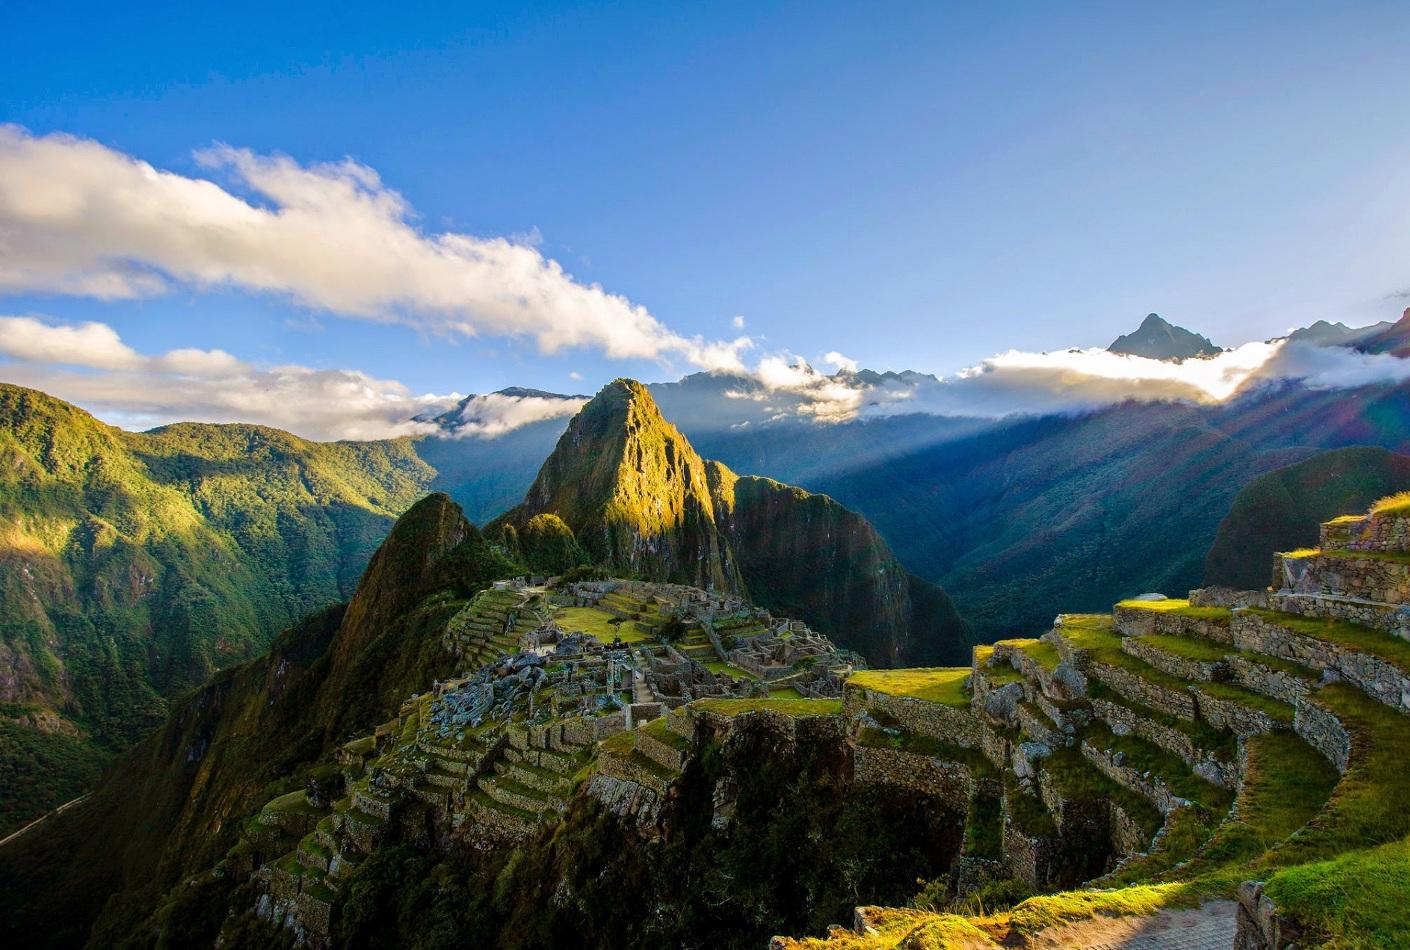 Vista aérea de Machu Picchu, Perú